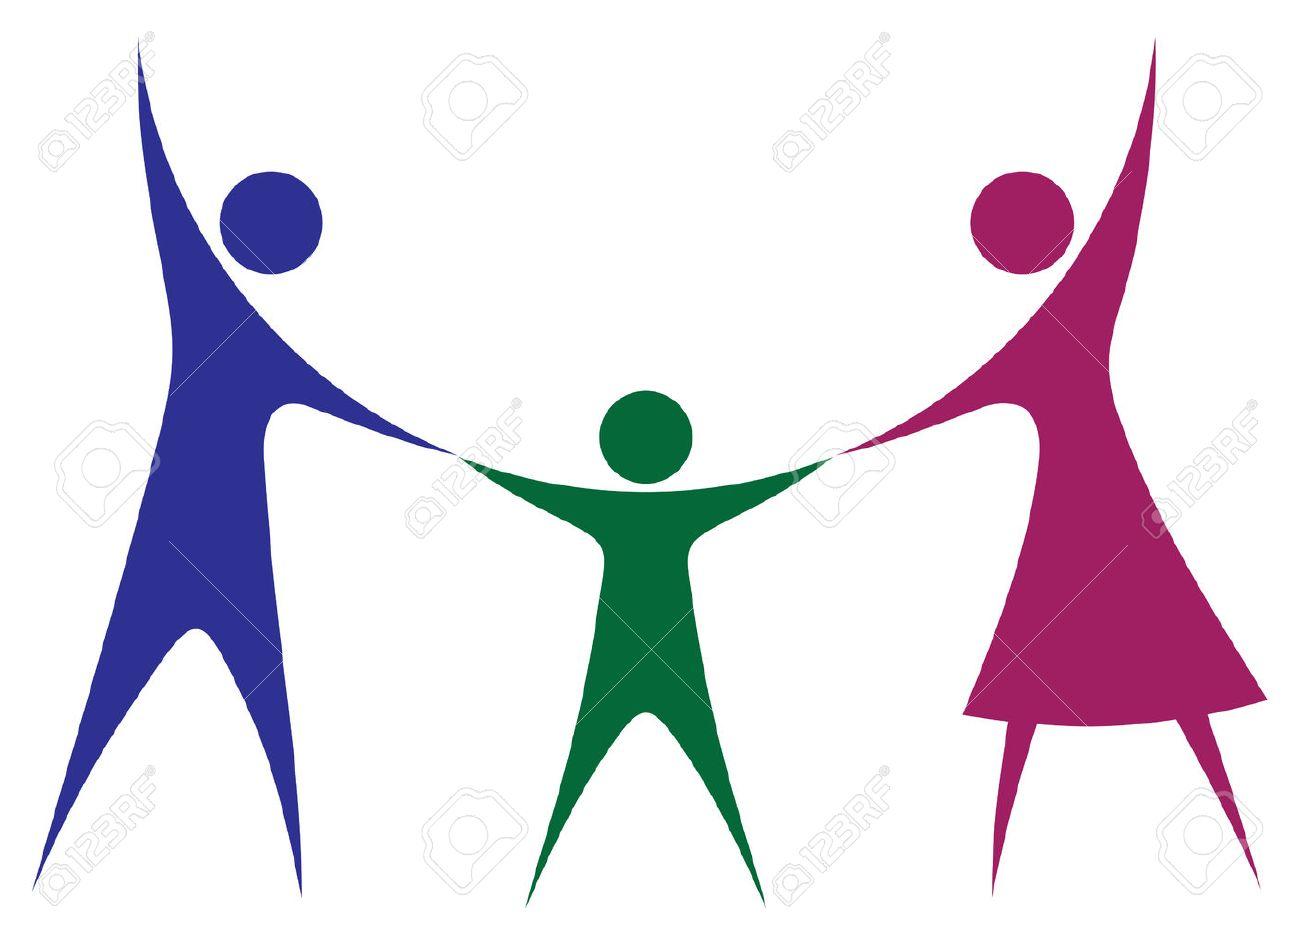 image logo famille gratuit